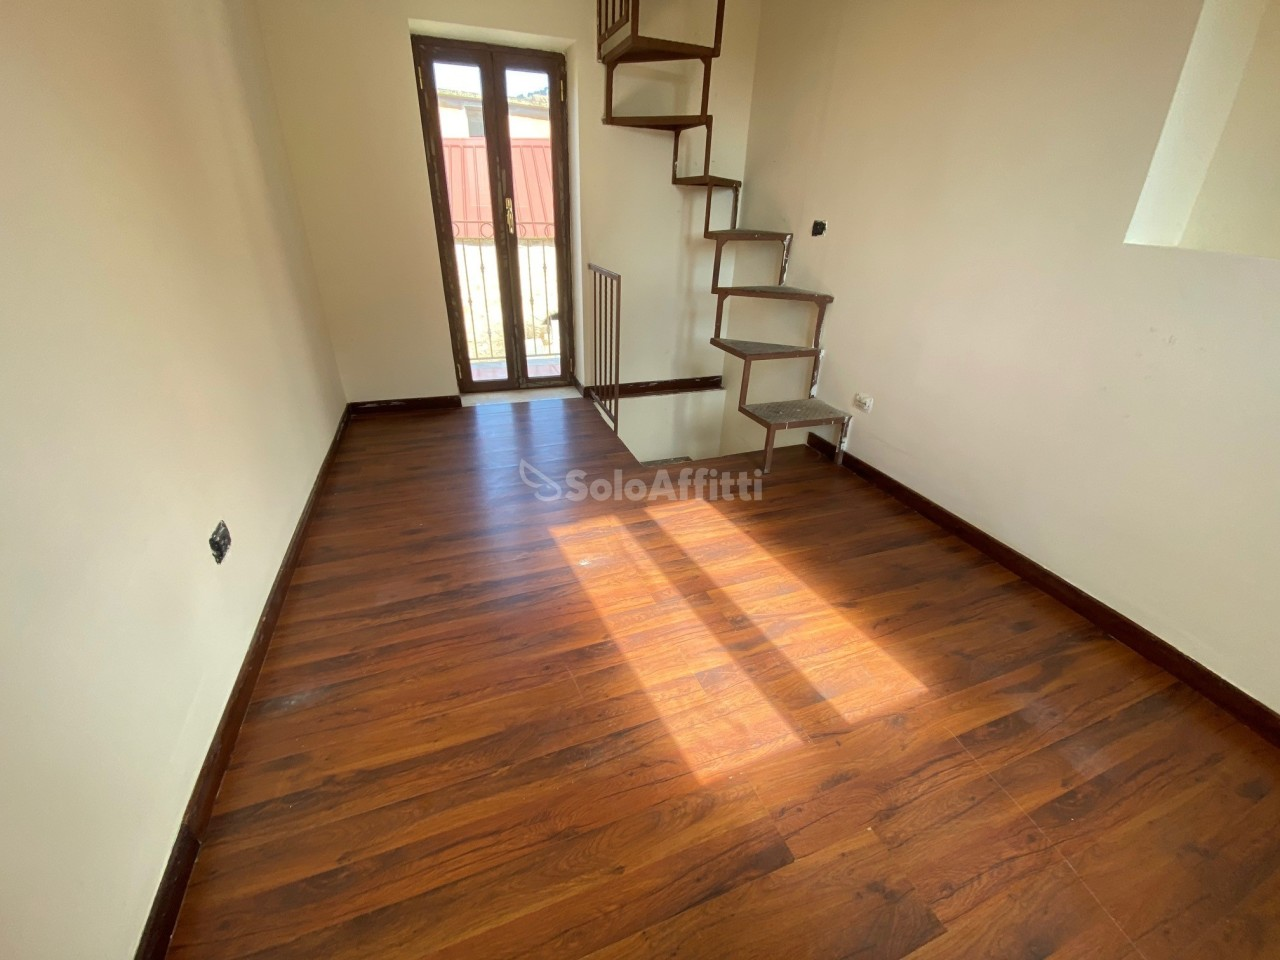 Appartamento in affitto a Tuoro, Caserta (CE)